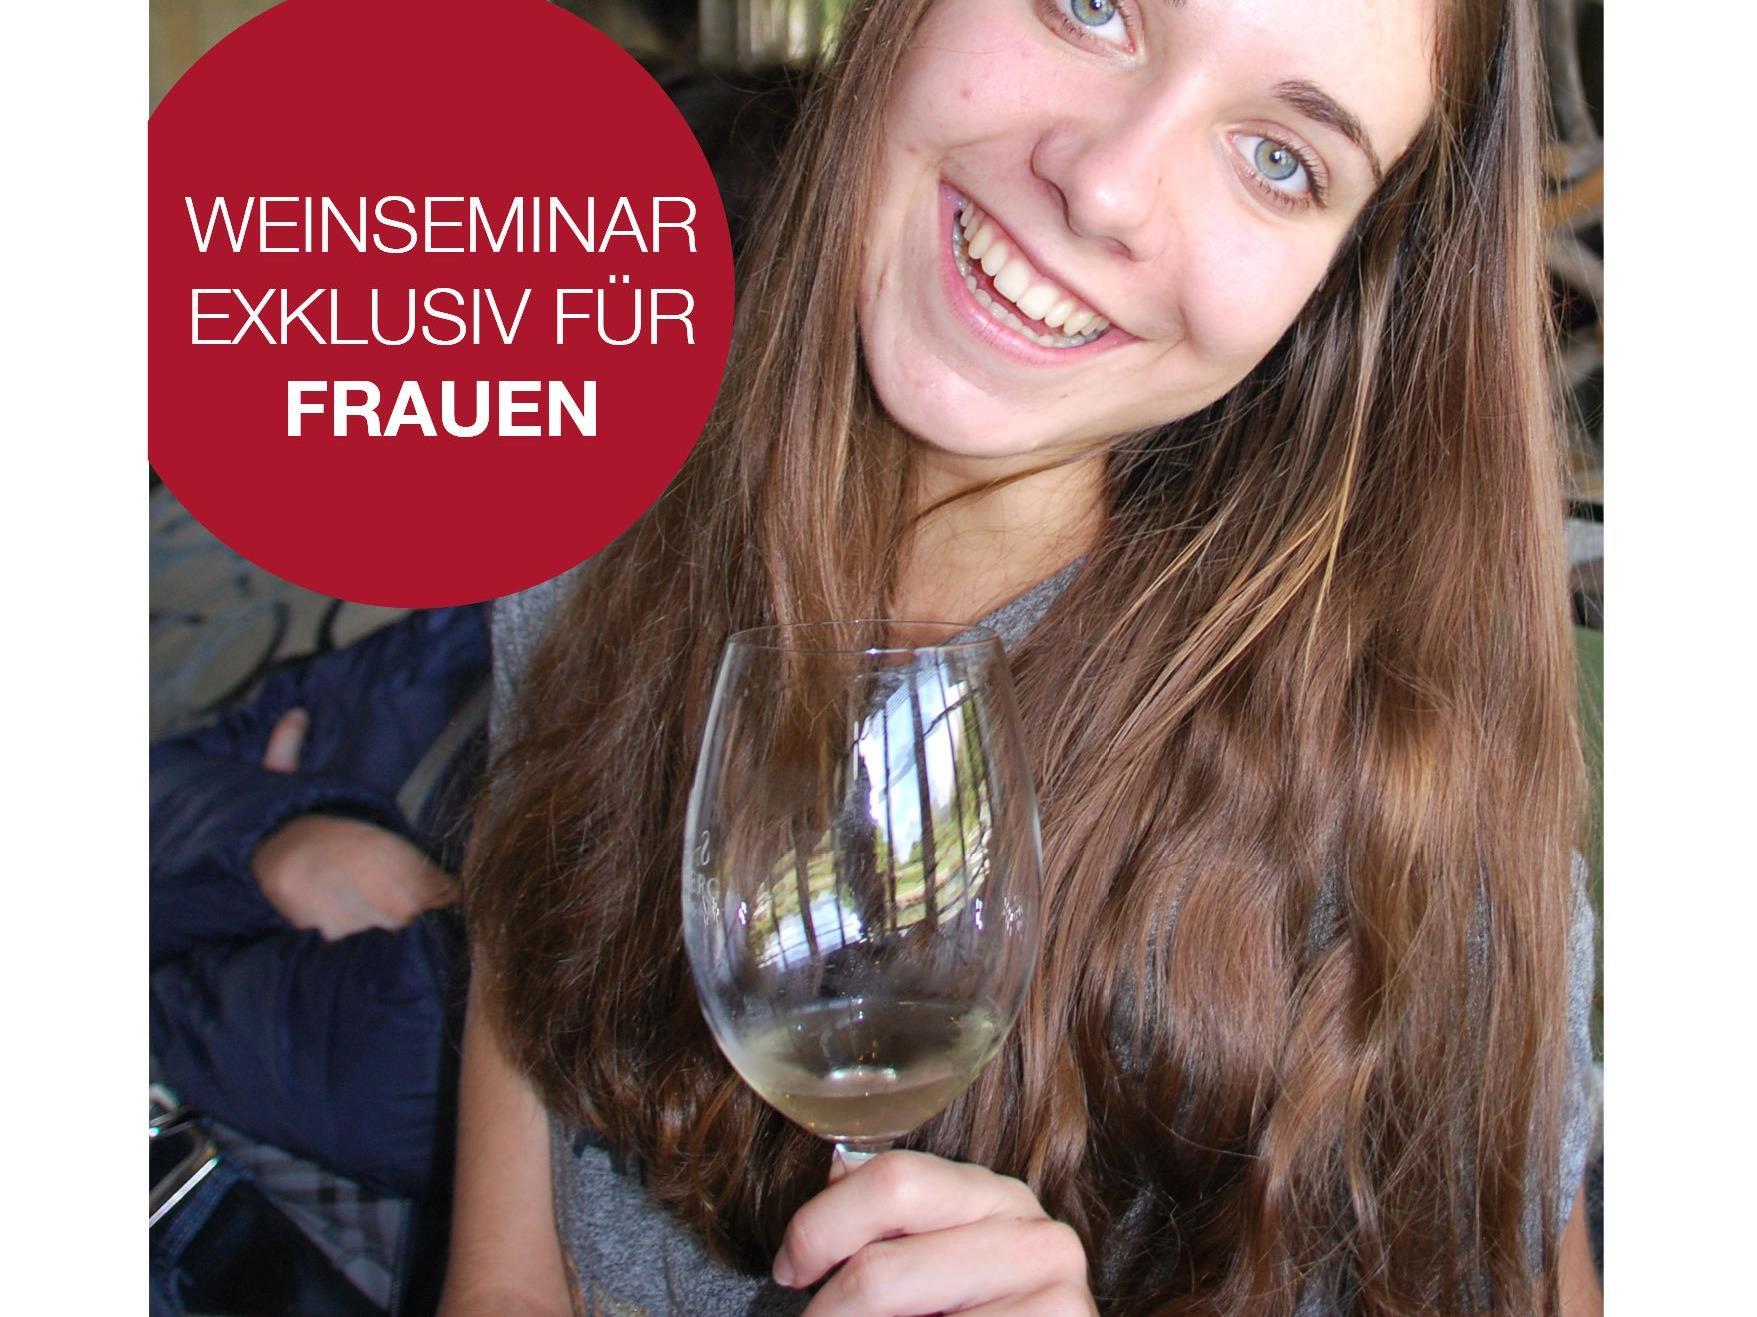 Weinseminar exklusiv für Frauen